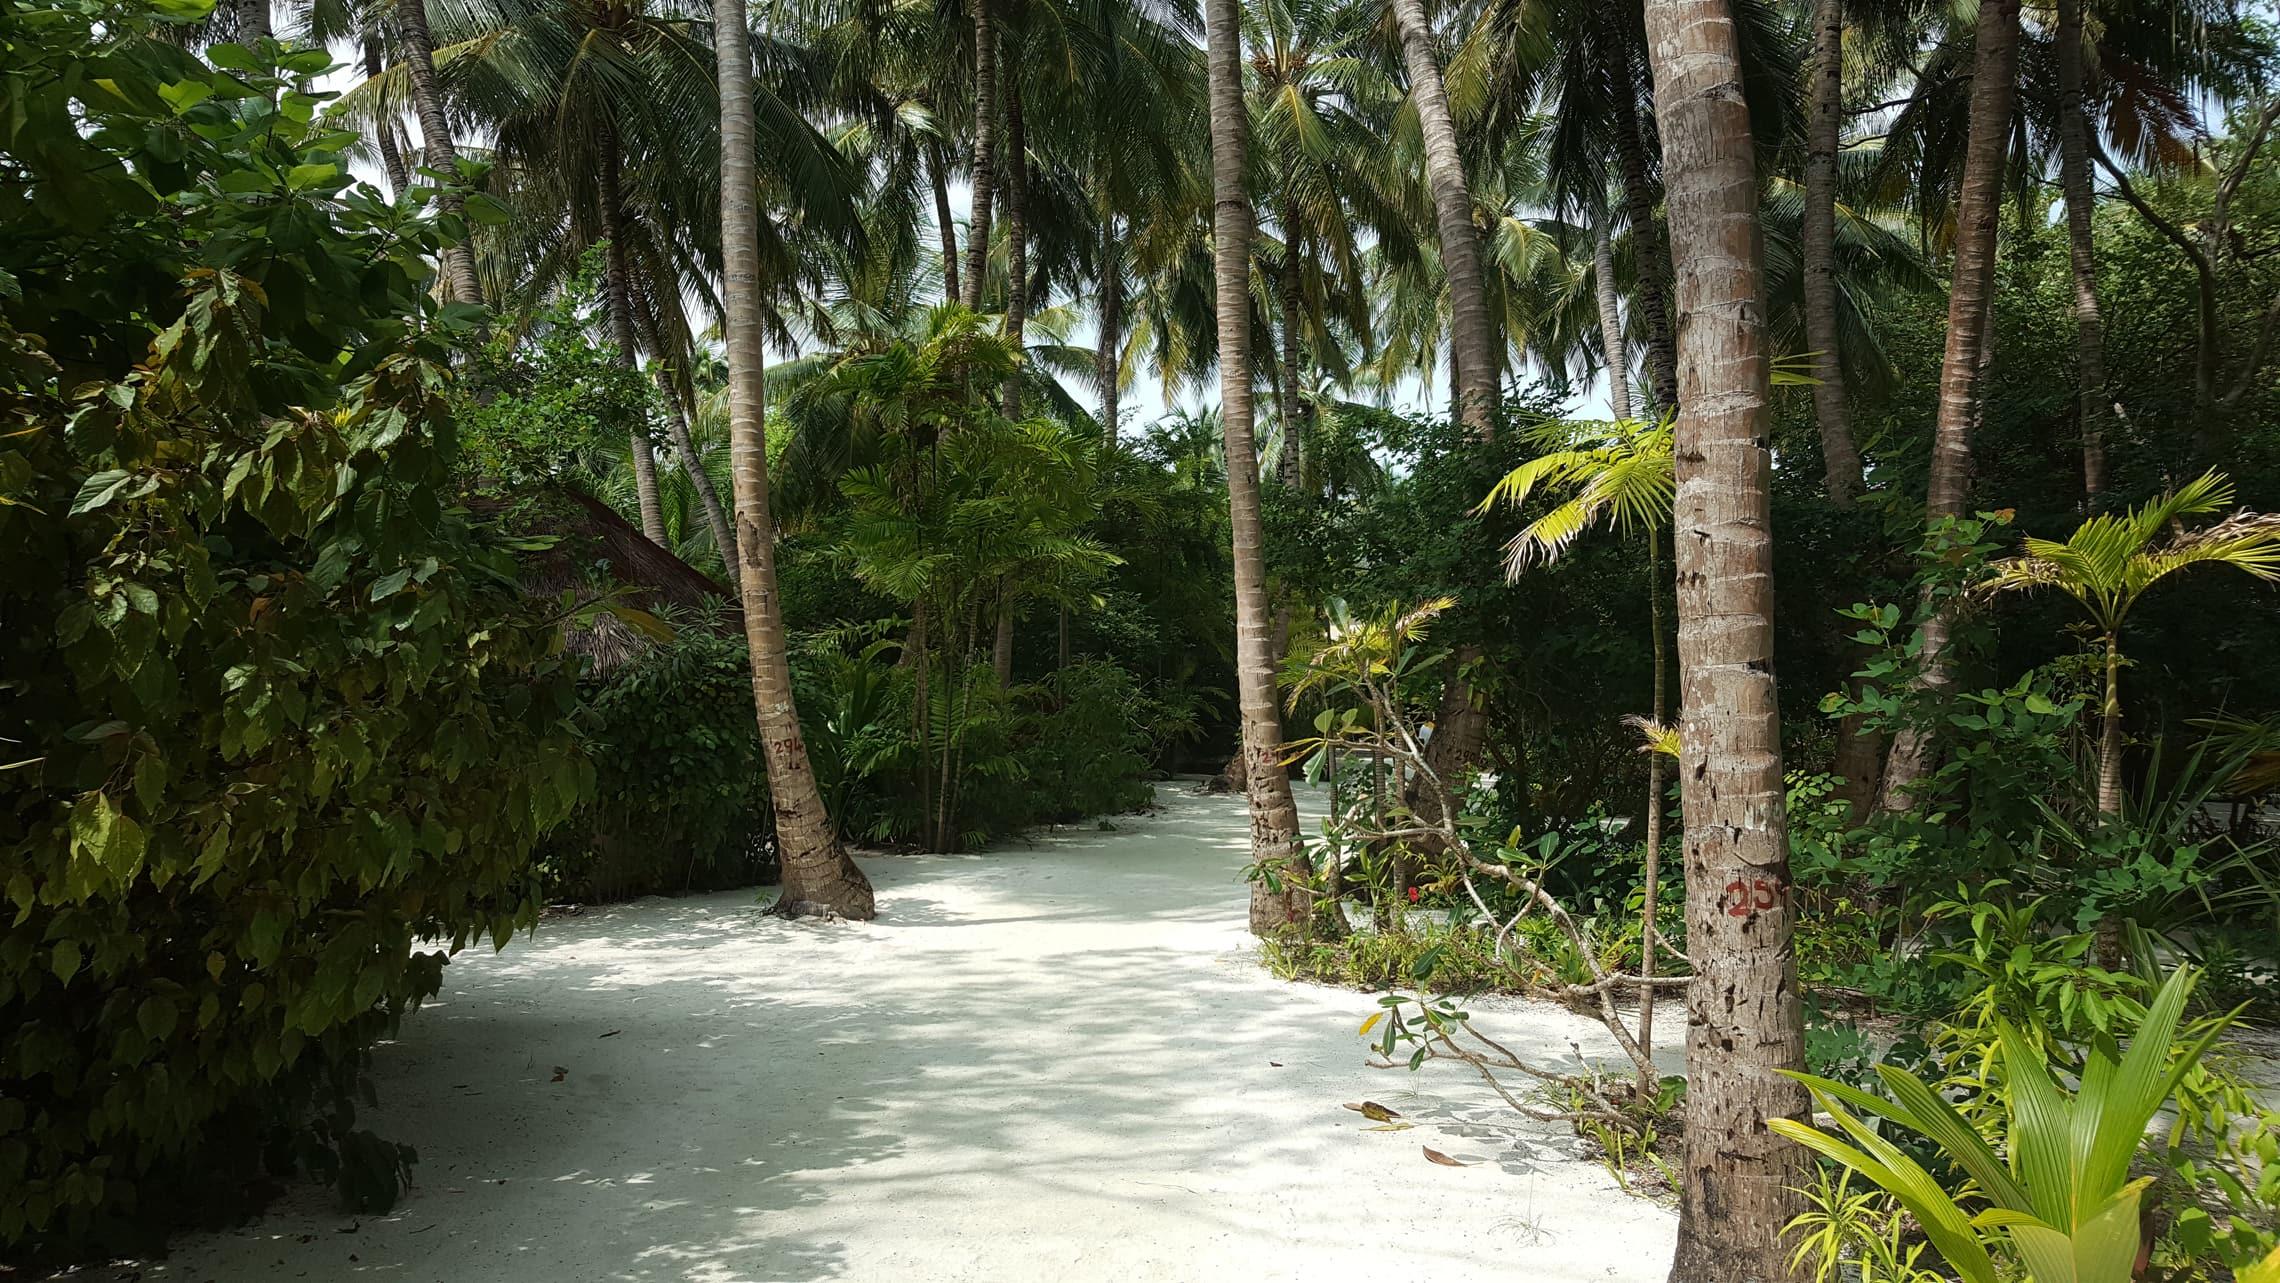 Unser Weg zum Wasser führte über einen schmalen Sandweg durch Palmen hindurch.